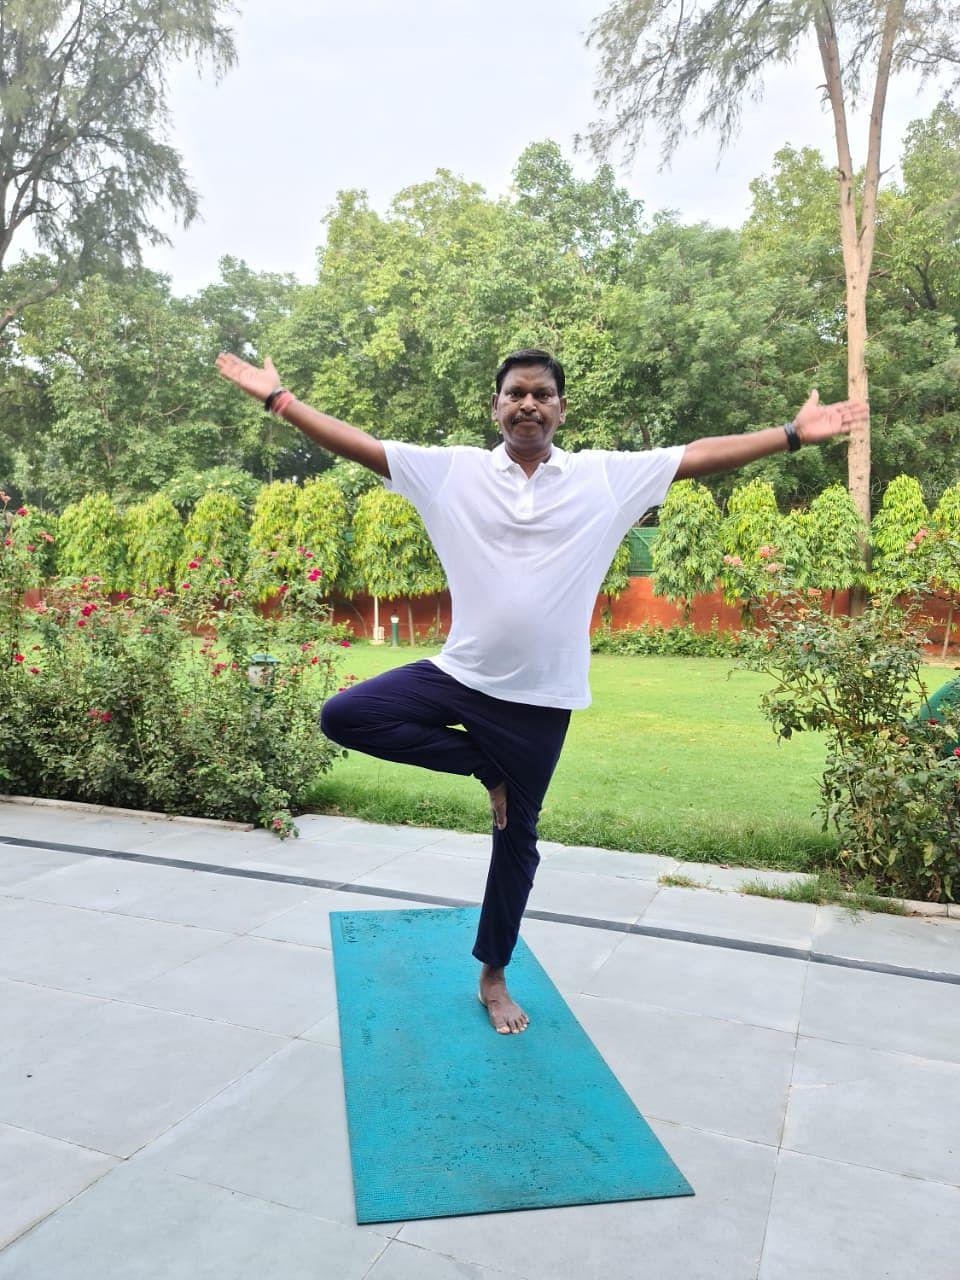 International Yoga Day 2021 In Jharkhand : कोरोना काल में केंद्रीय मंत्री अर्जुन मुंडा व विधायक दशरथ गागरई ने घरों में योगासन कर निरोग रहने का दिया संदेश, देखिए तस्वीरें